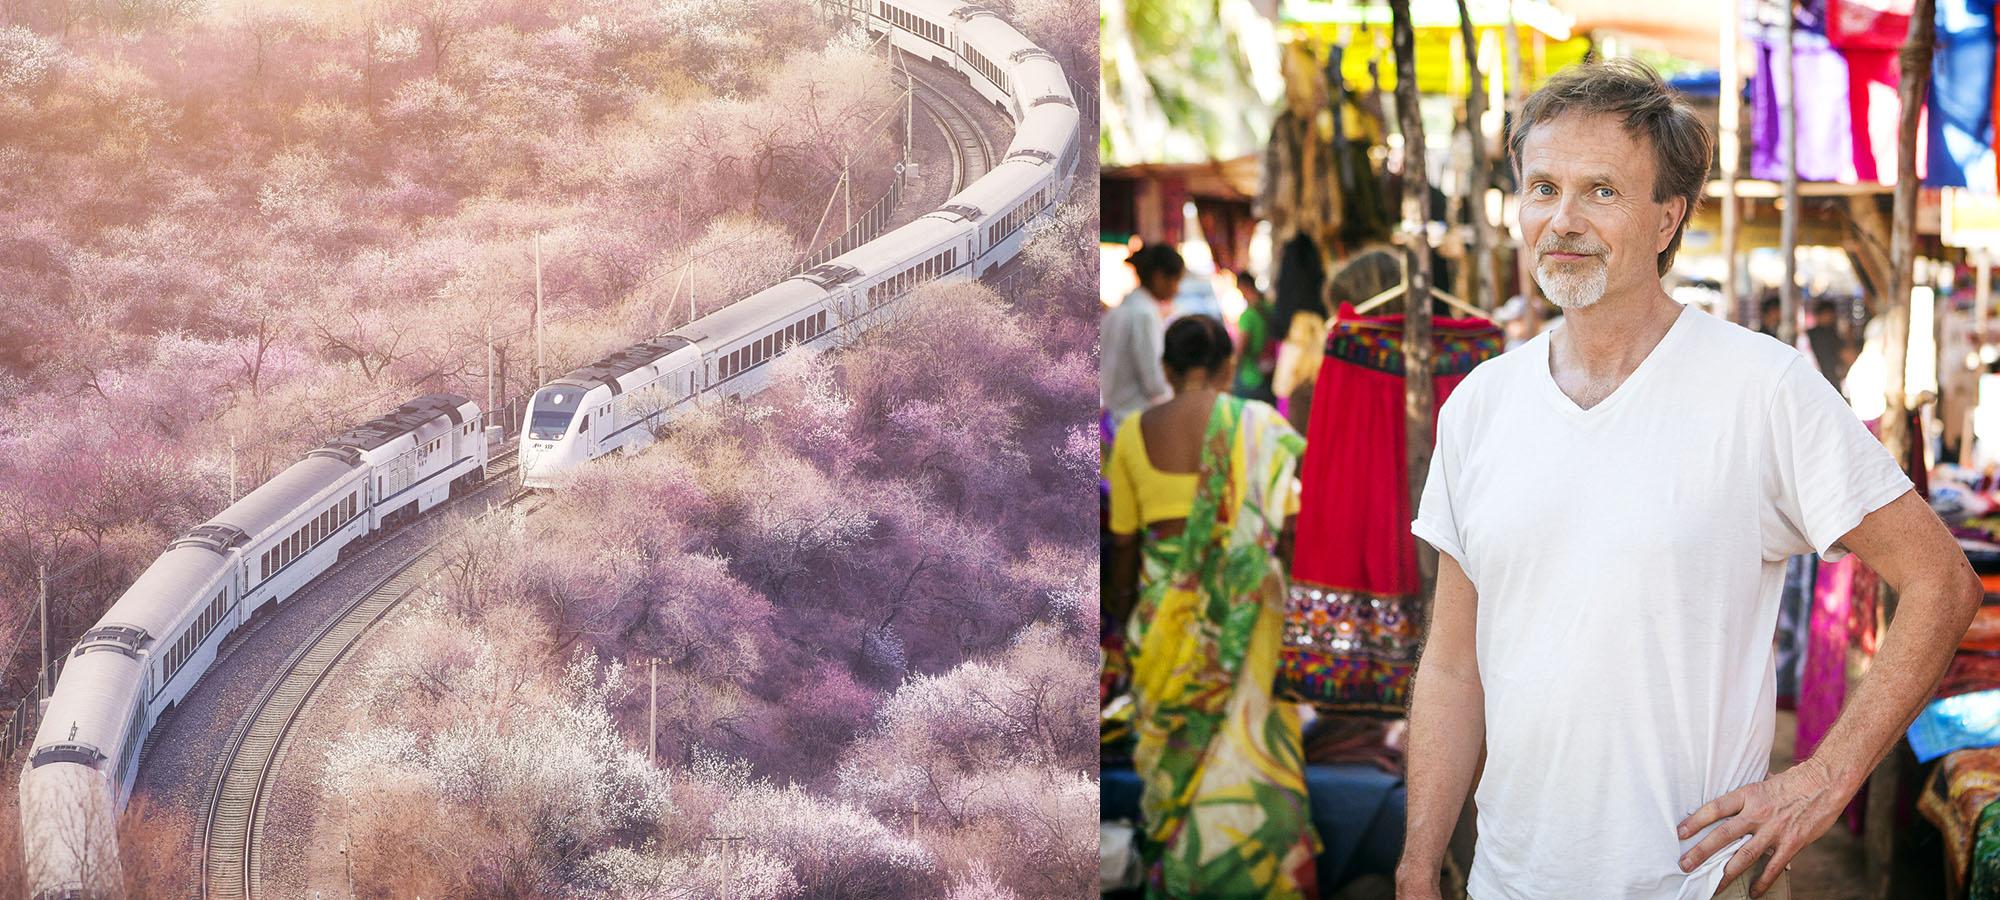 Snabb tåg som åker genom Japan + bild på man på indisk marknad